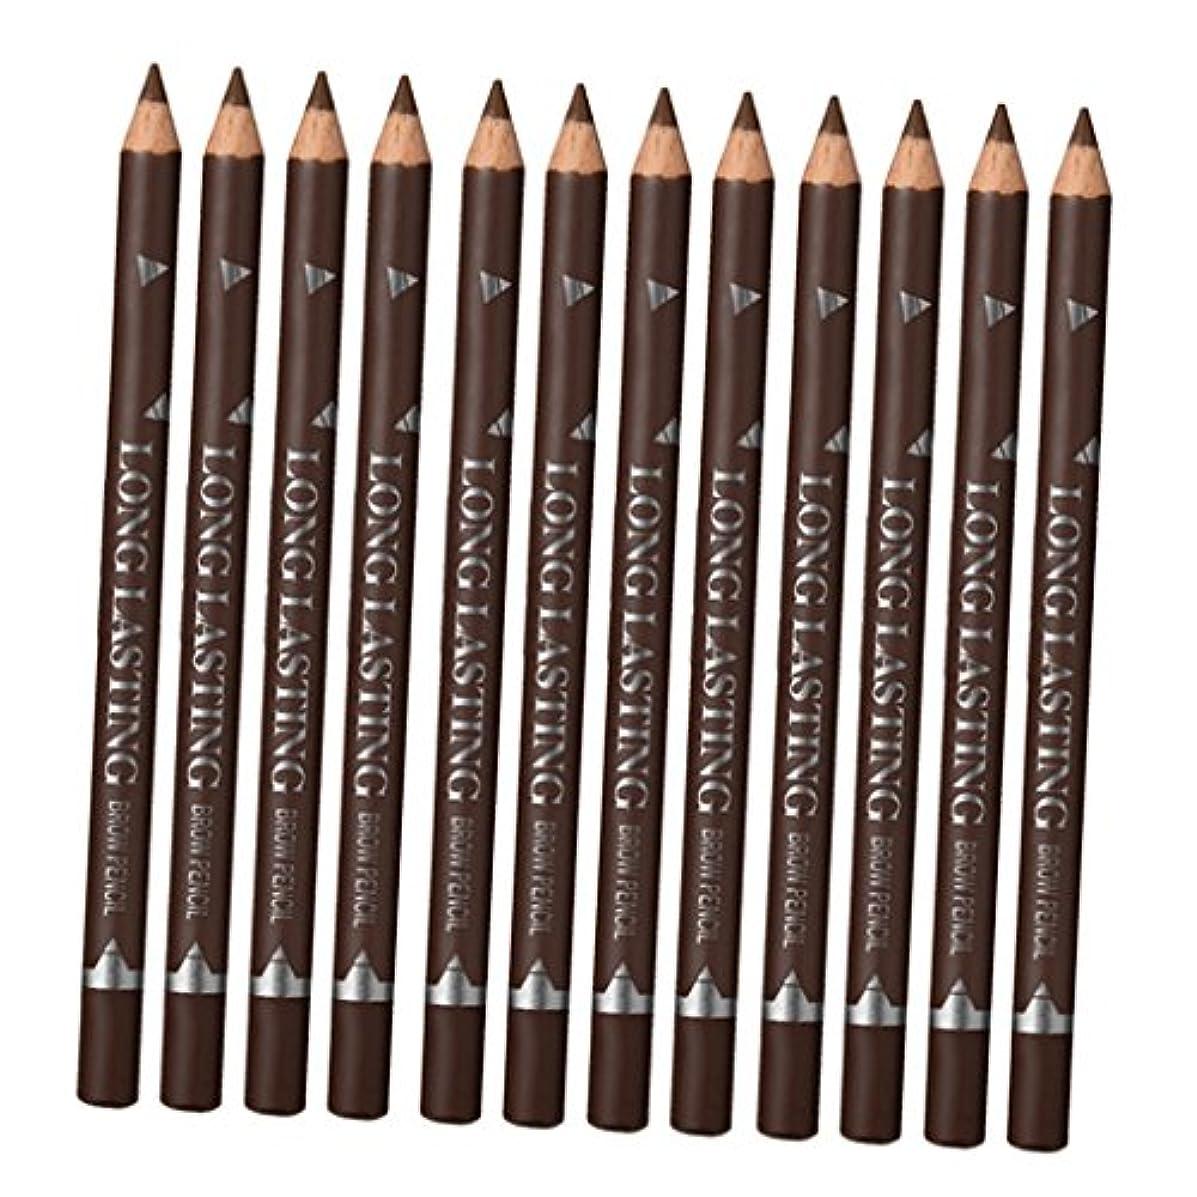 予備レモン受ける眉ブラシ、防水眉毛の入れ墨の構造の化粧品用具が付いている12部分の美眉毛の鉛筆 - 褐色